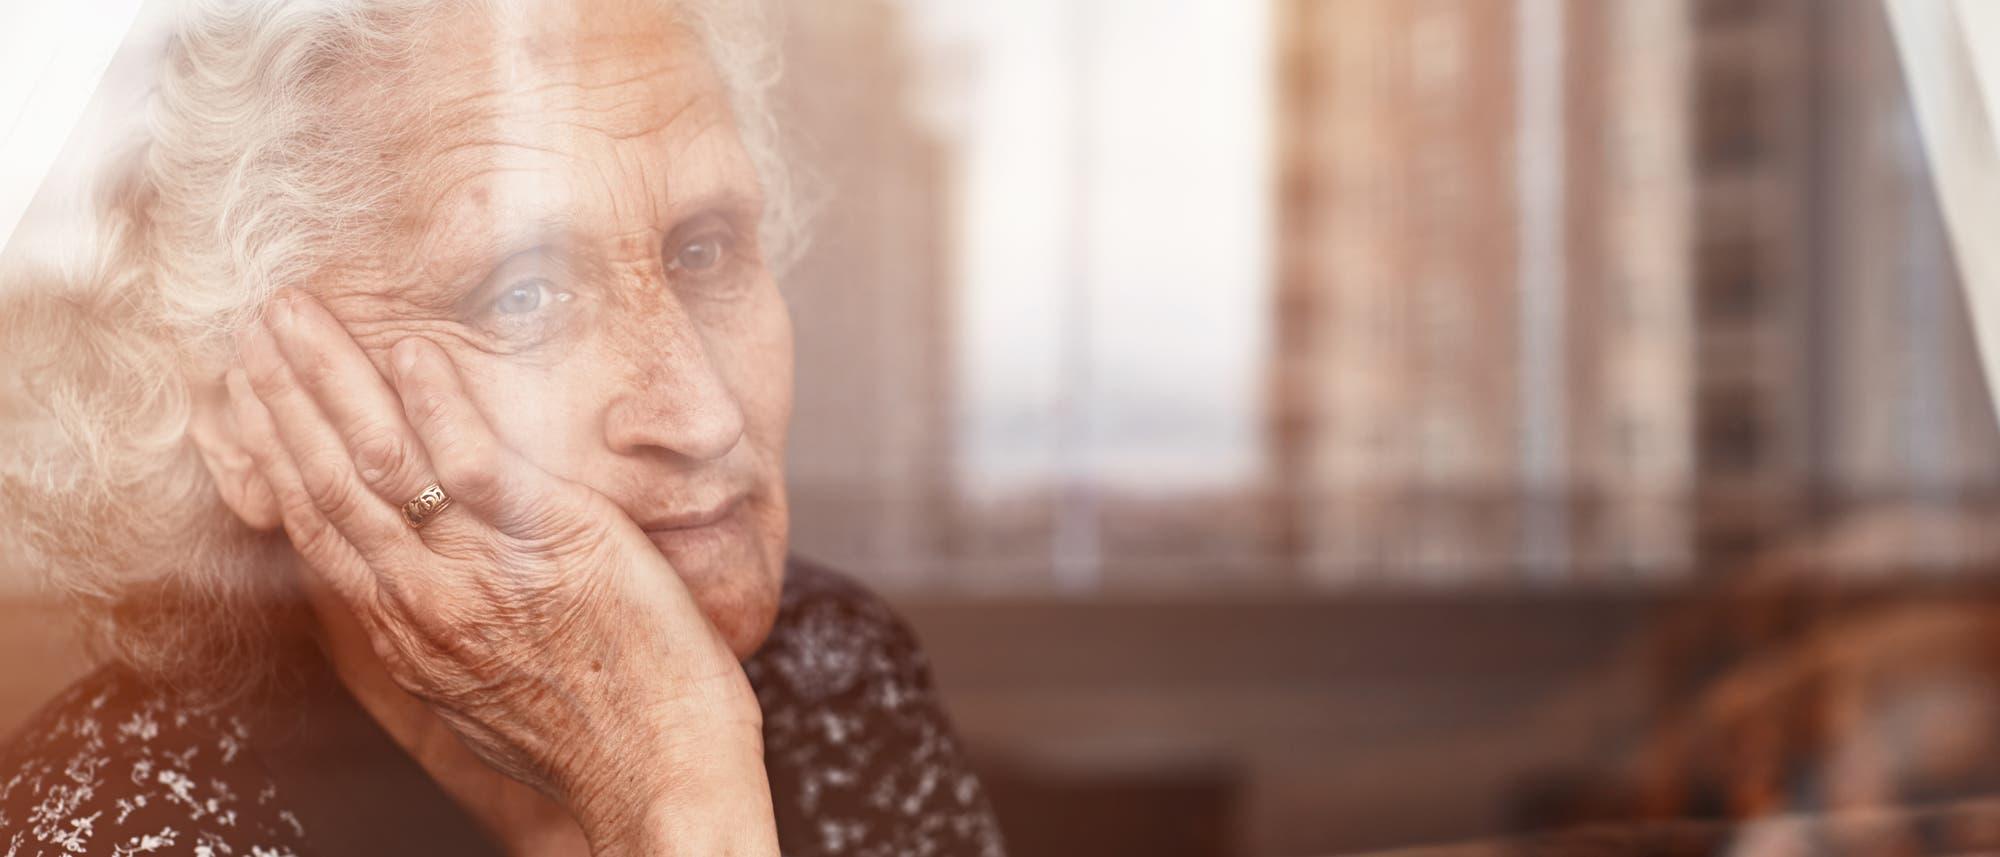 Eine ältere Frau blickt aus dem Fenster ihrer Wohnung.